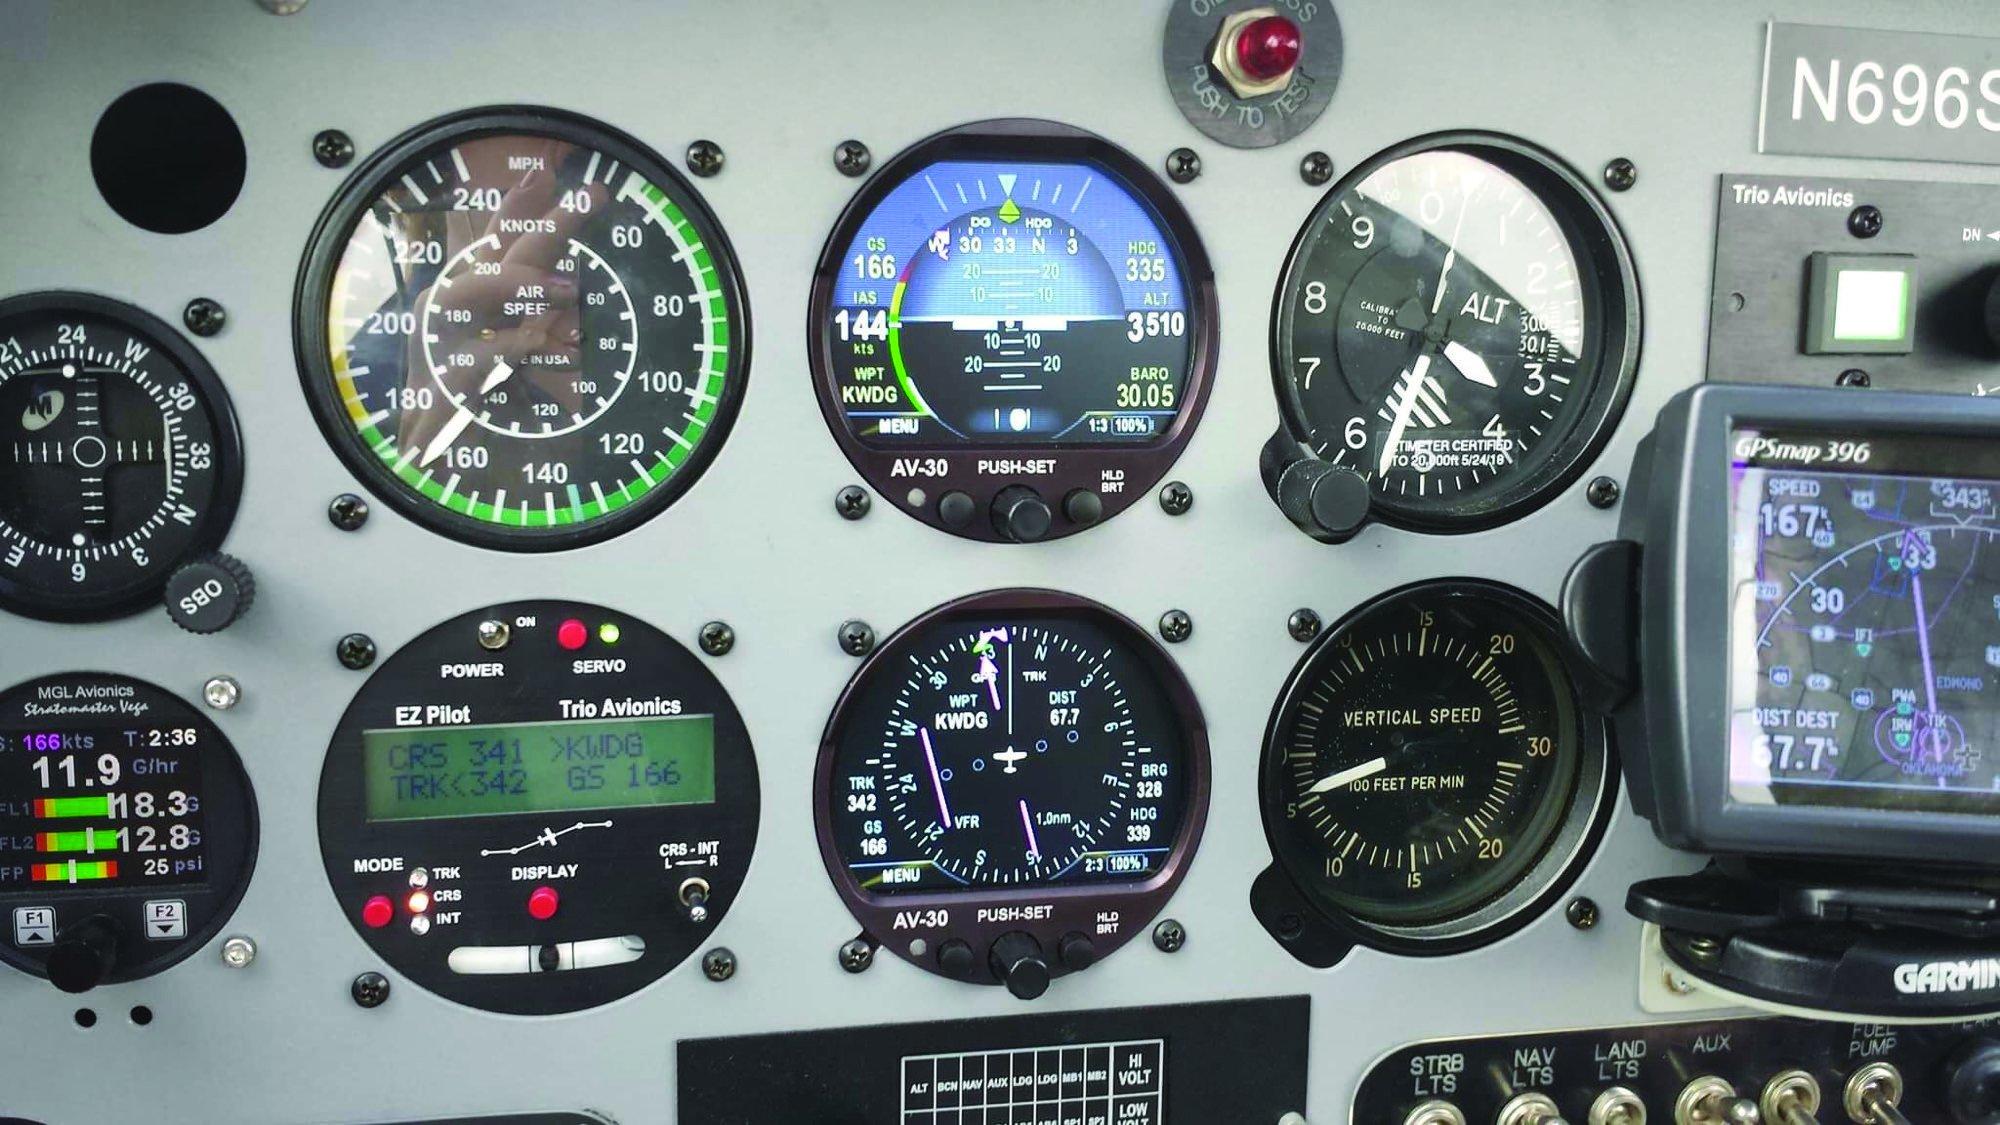 6 AV30 in panel